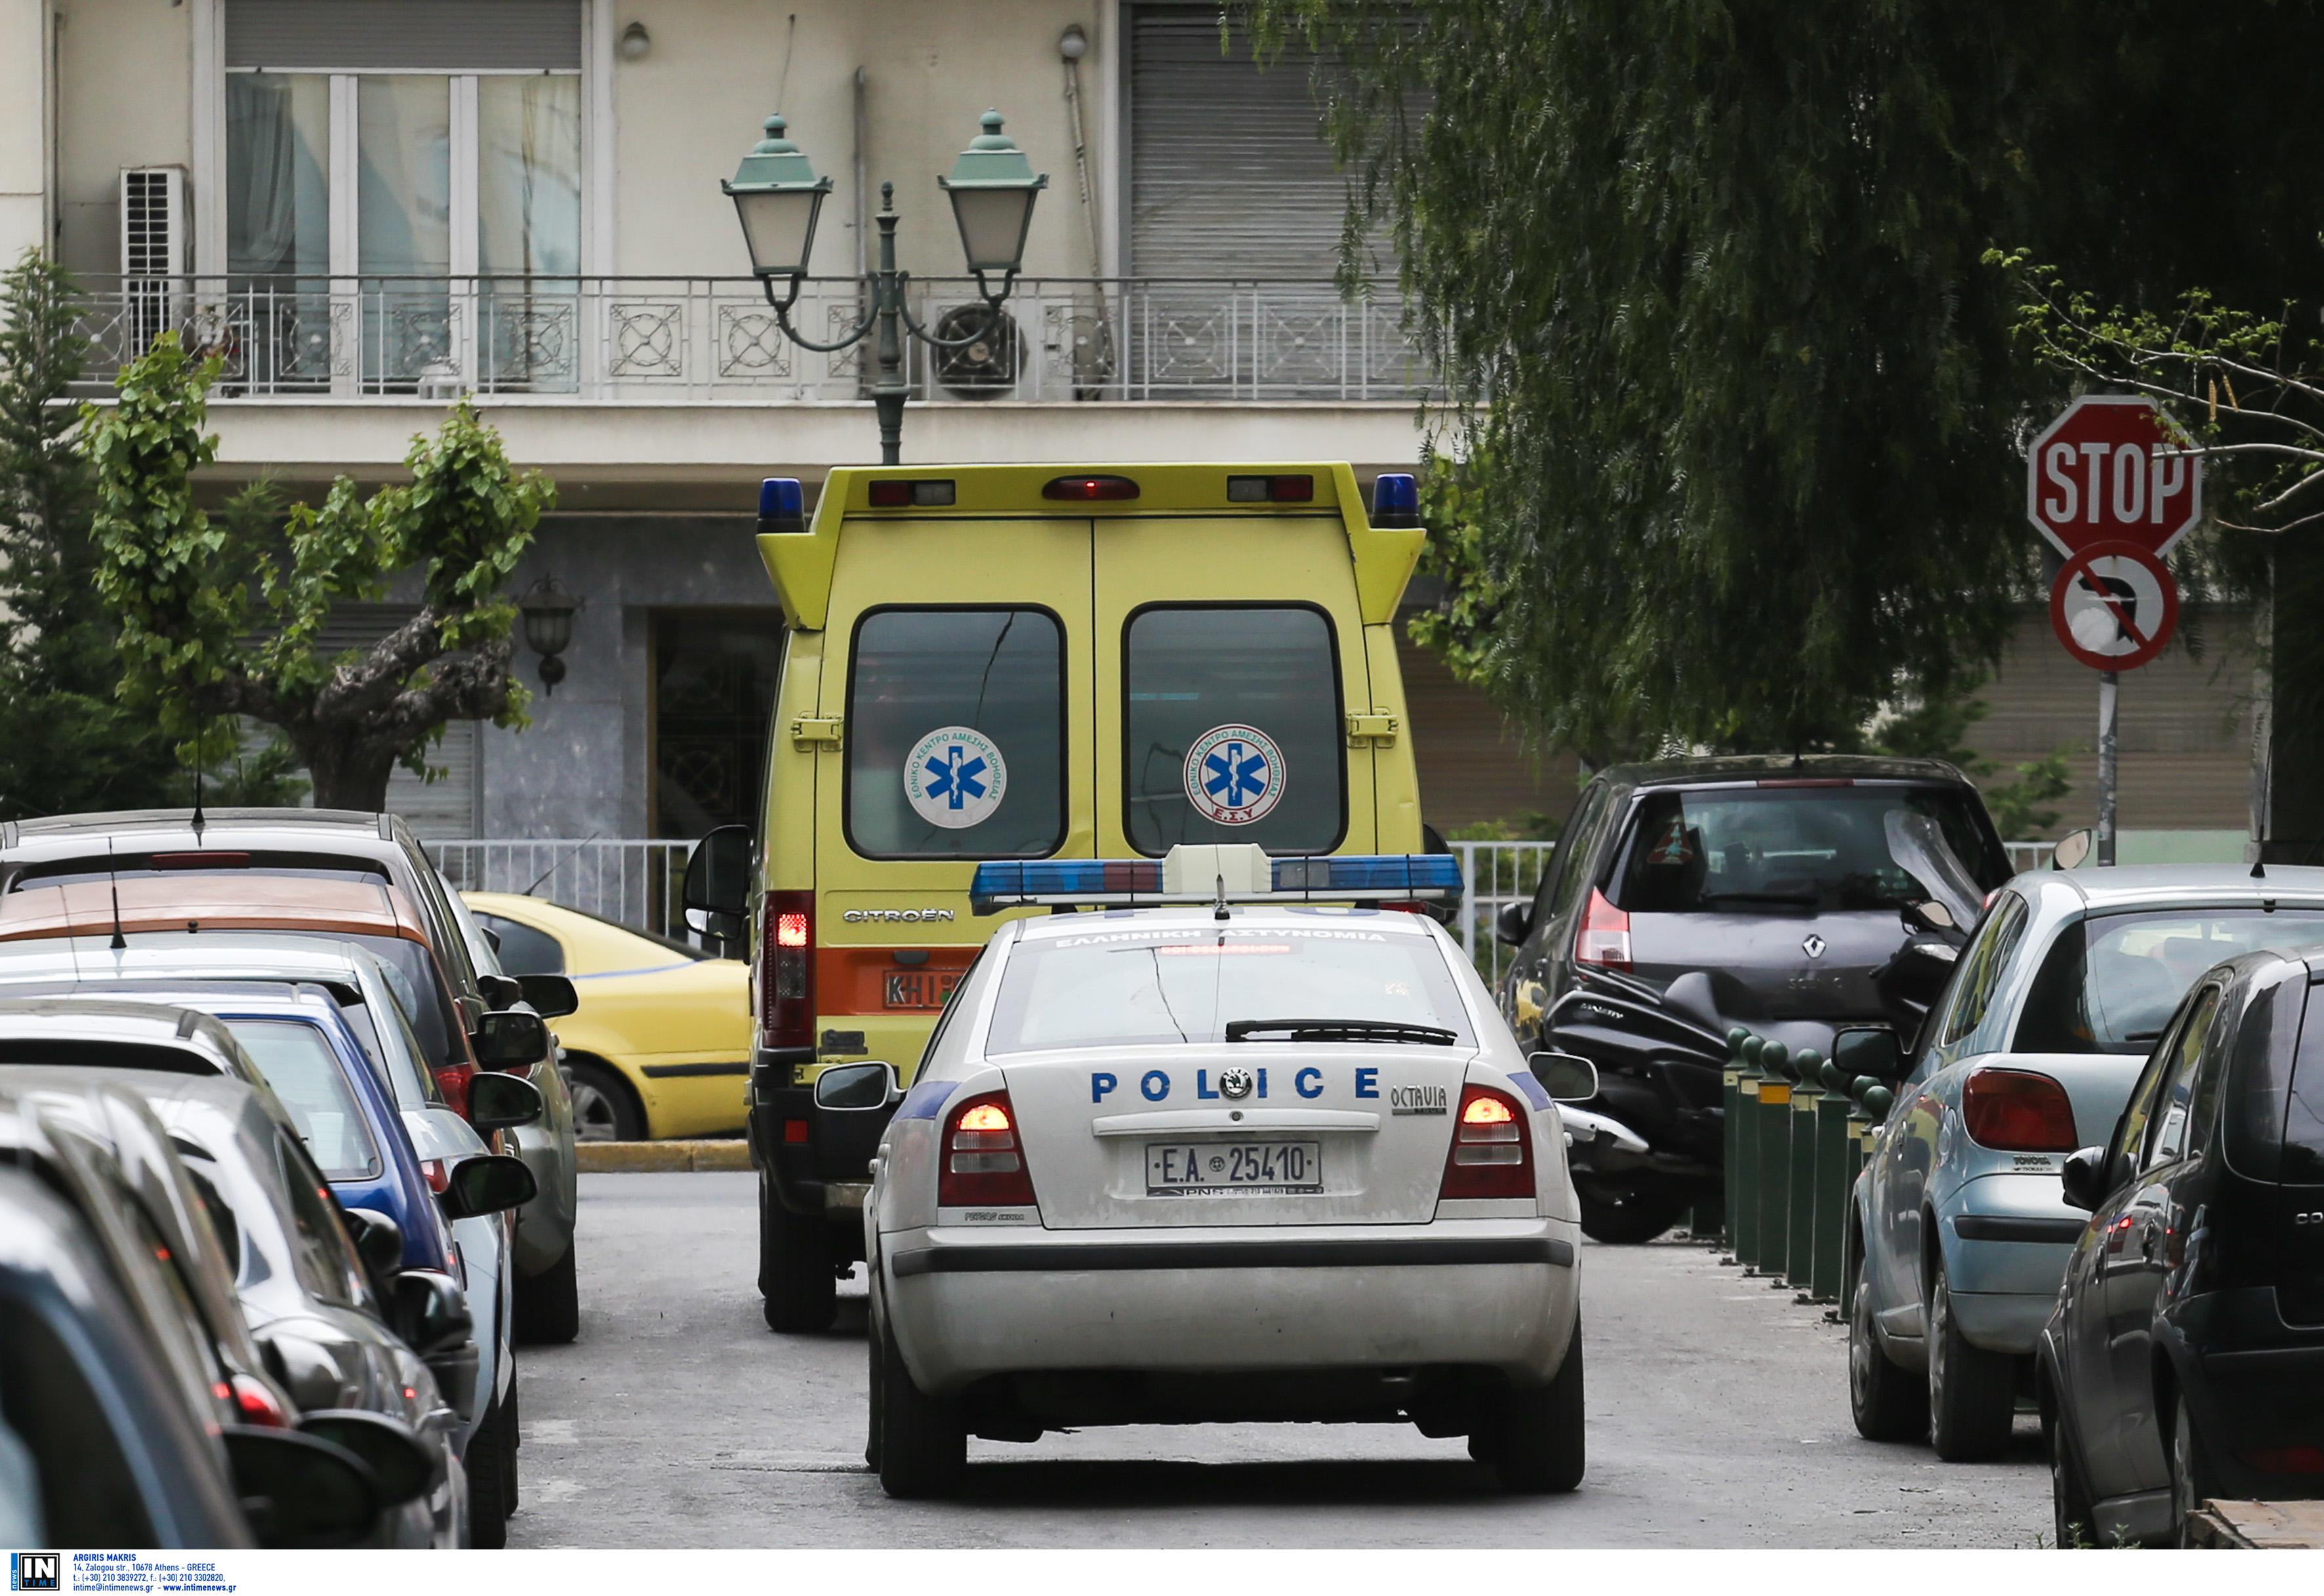 Θεσσαλονίκη: Περπατούσε μαχαιρωμένος και ζητούσε βοήθεια! Εικόνες σοκ στον πόλεμο των χούλιγκαν